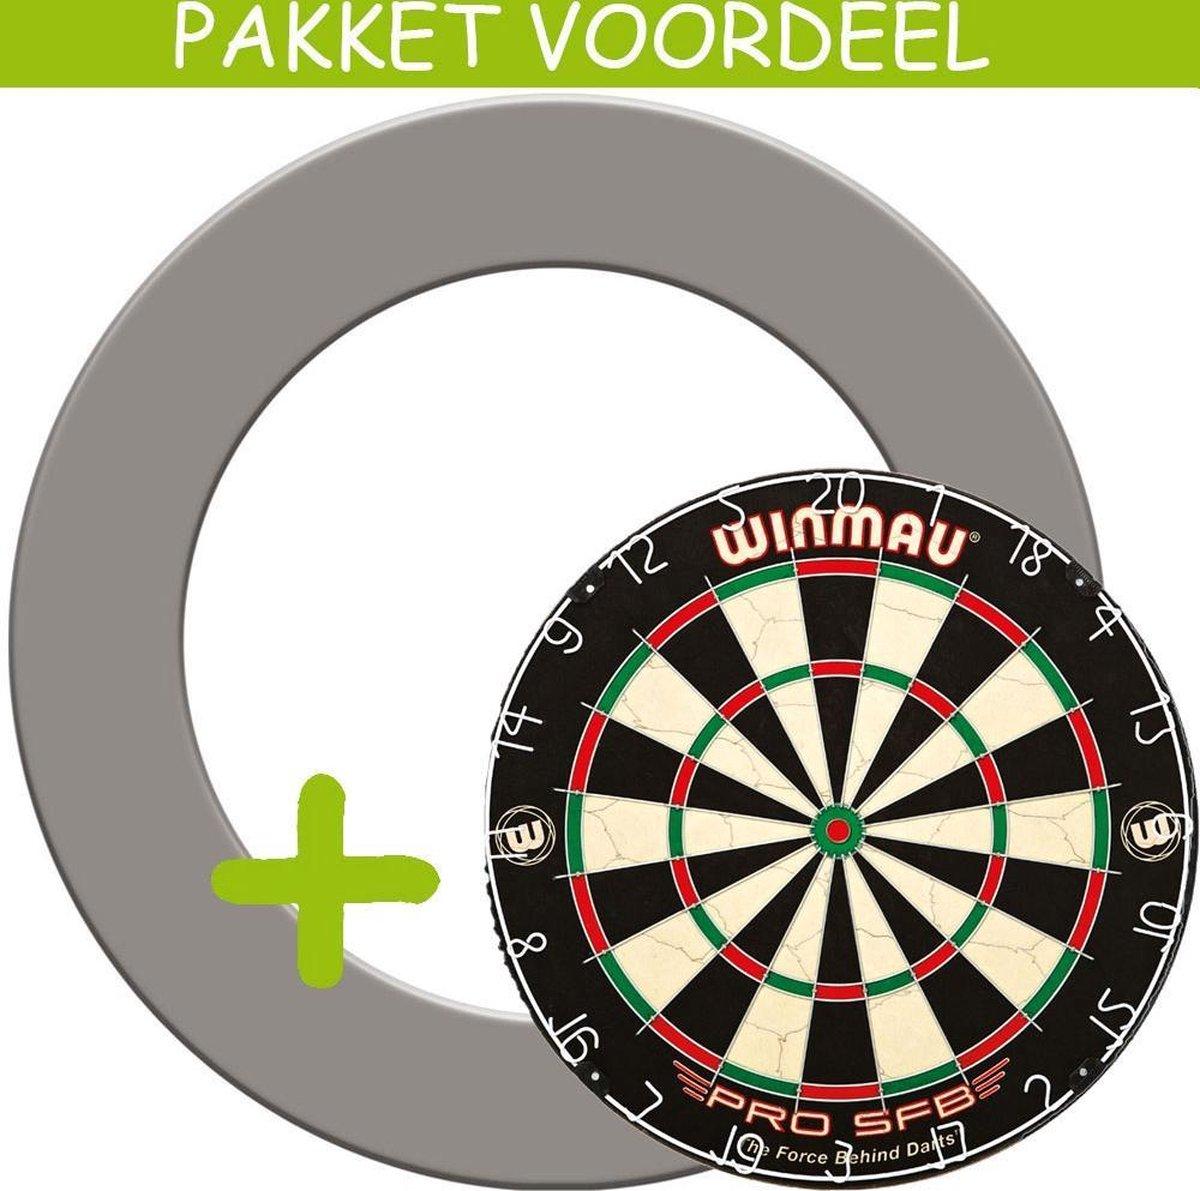 Dartbord Surround VoordeelPakket - Pro SFB - Rubberen Surround-- (Grijs)